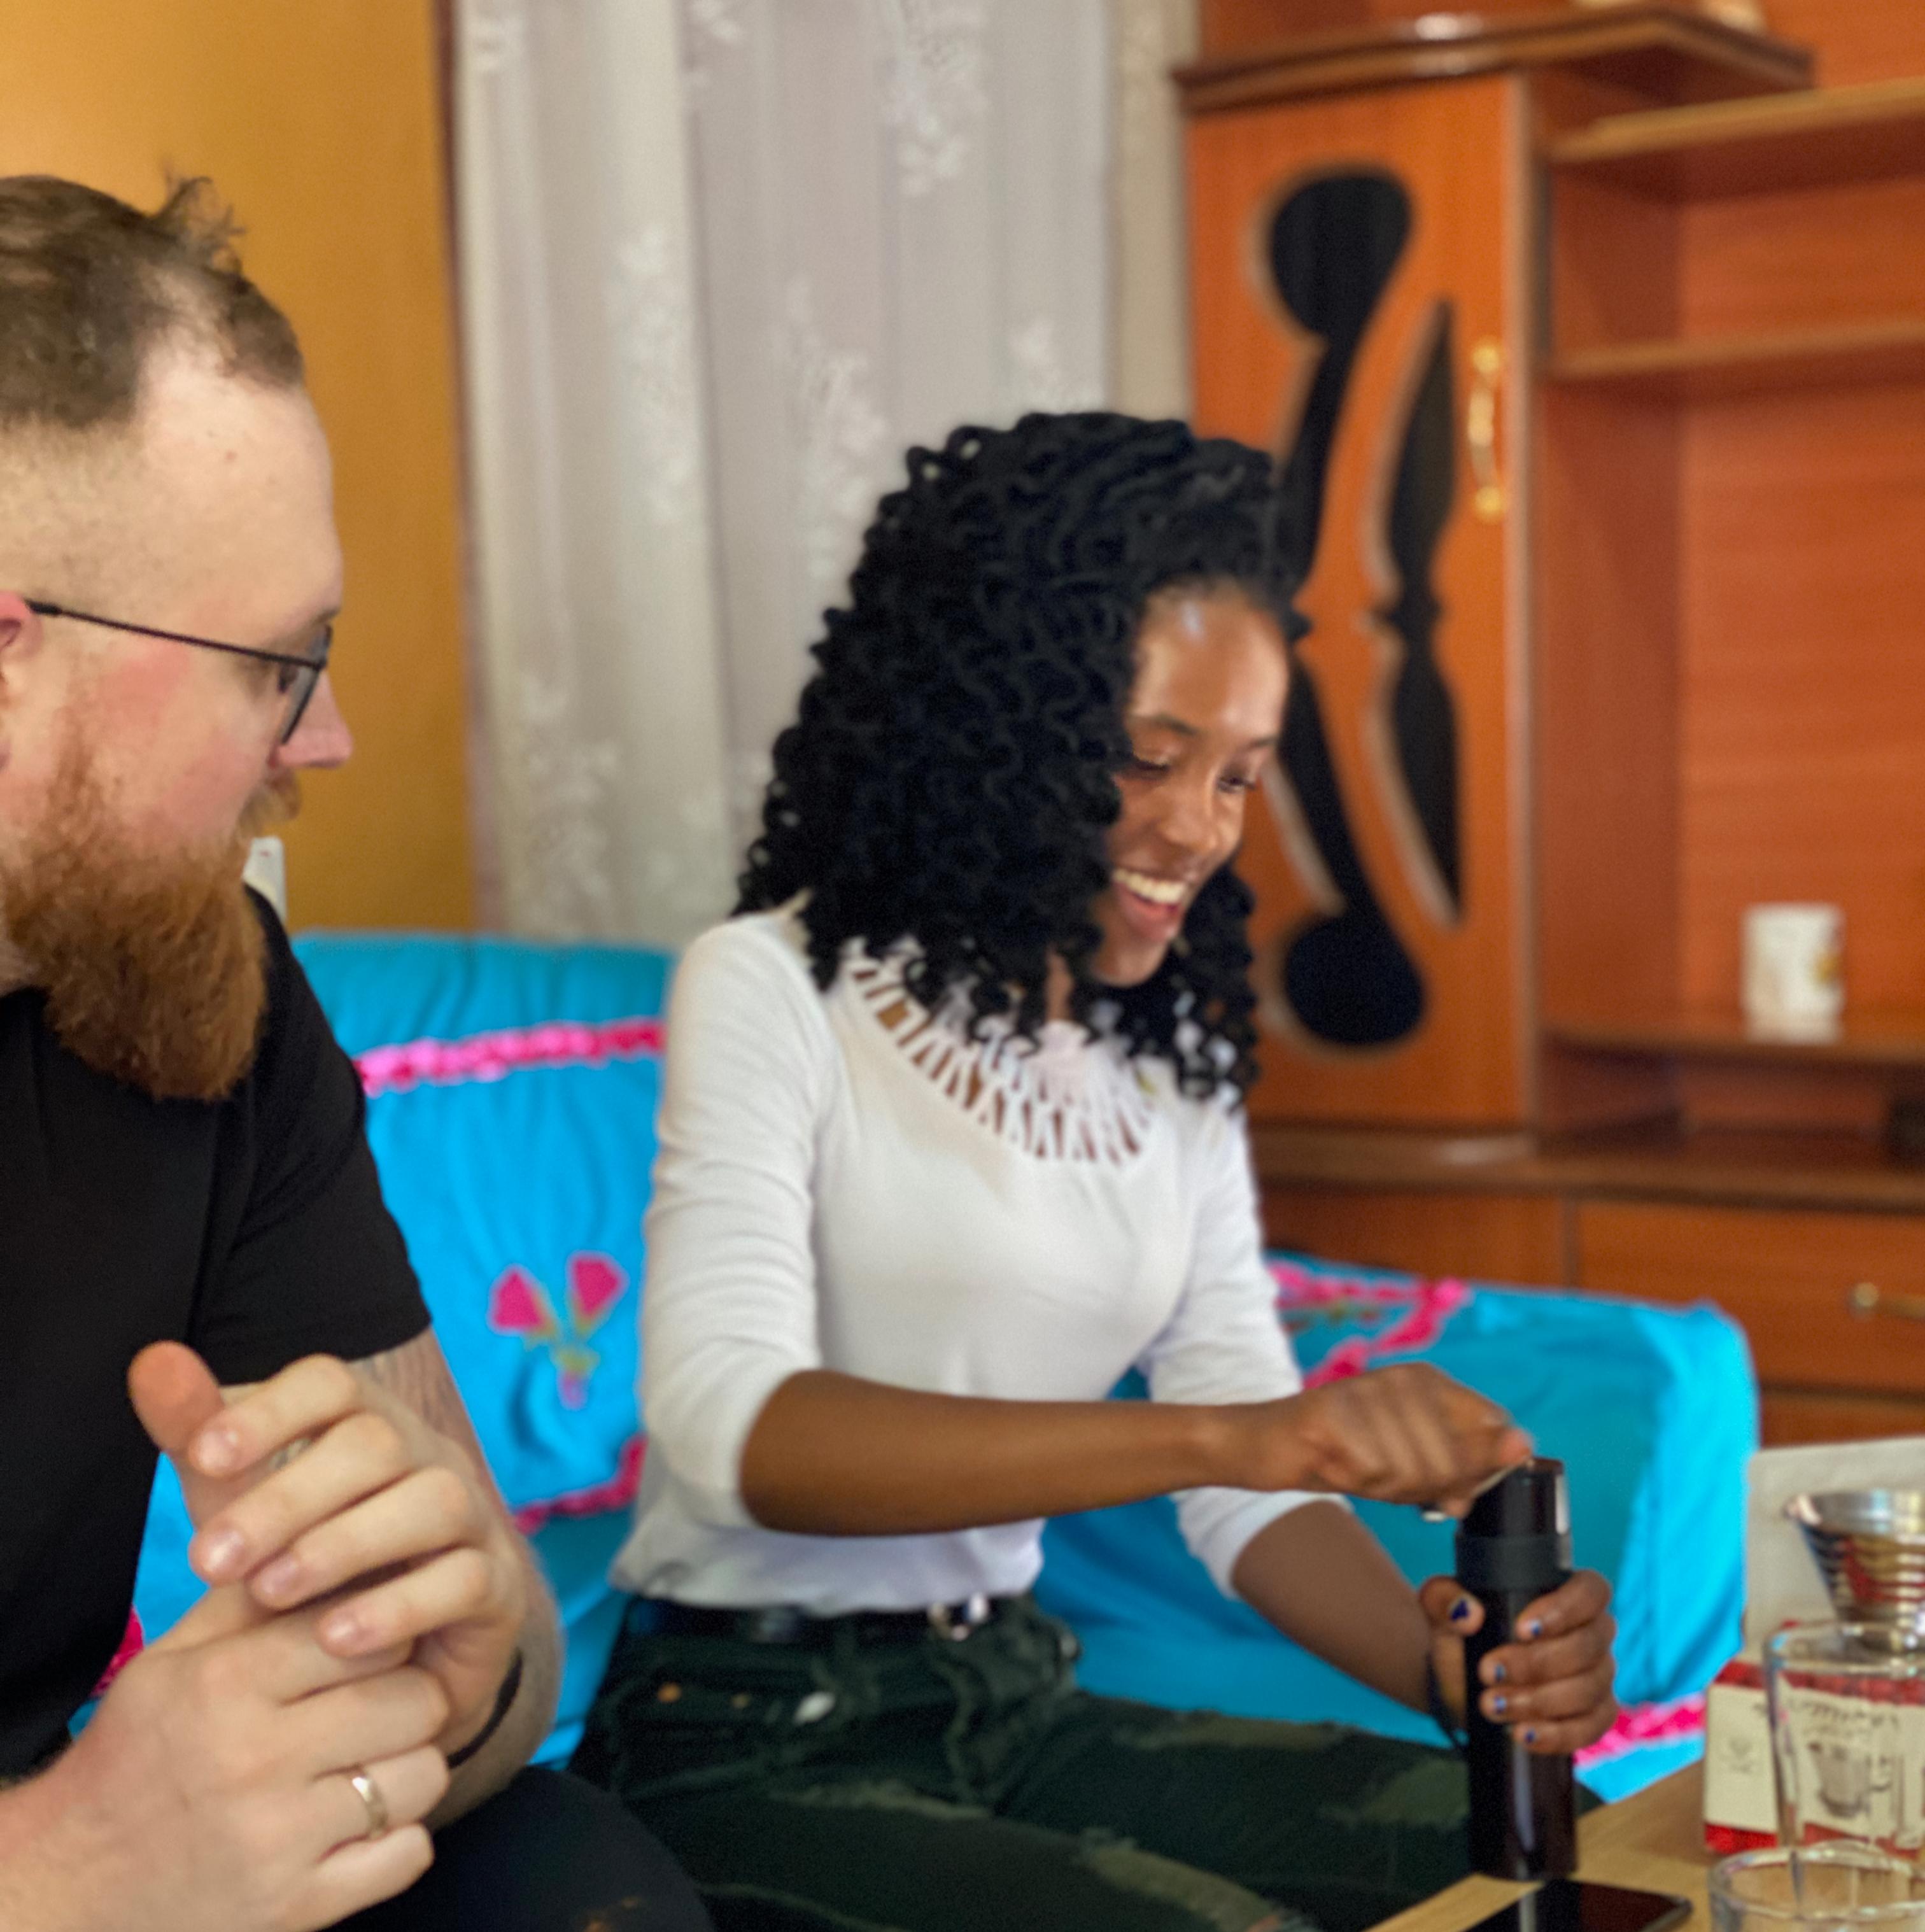 Barchef, Janis viser Veronica hvordan vi brygger kaffe i vores barer